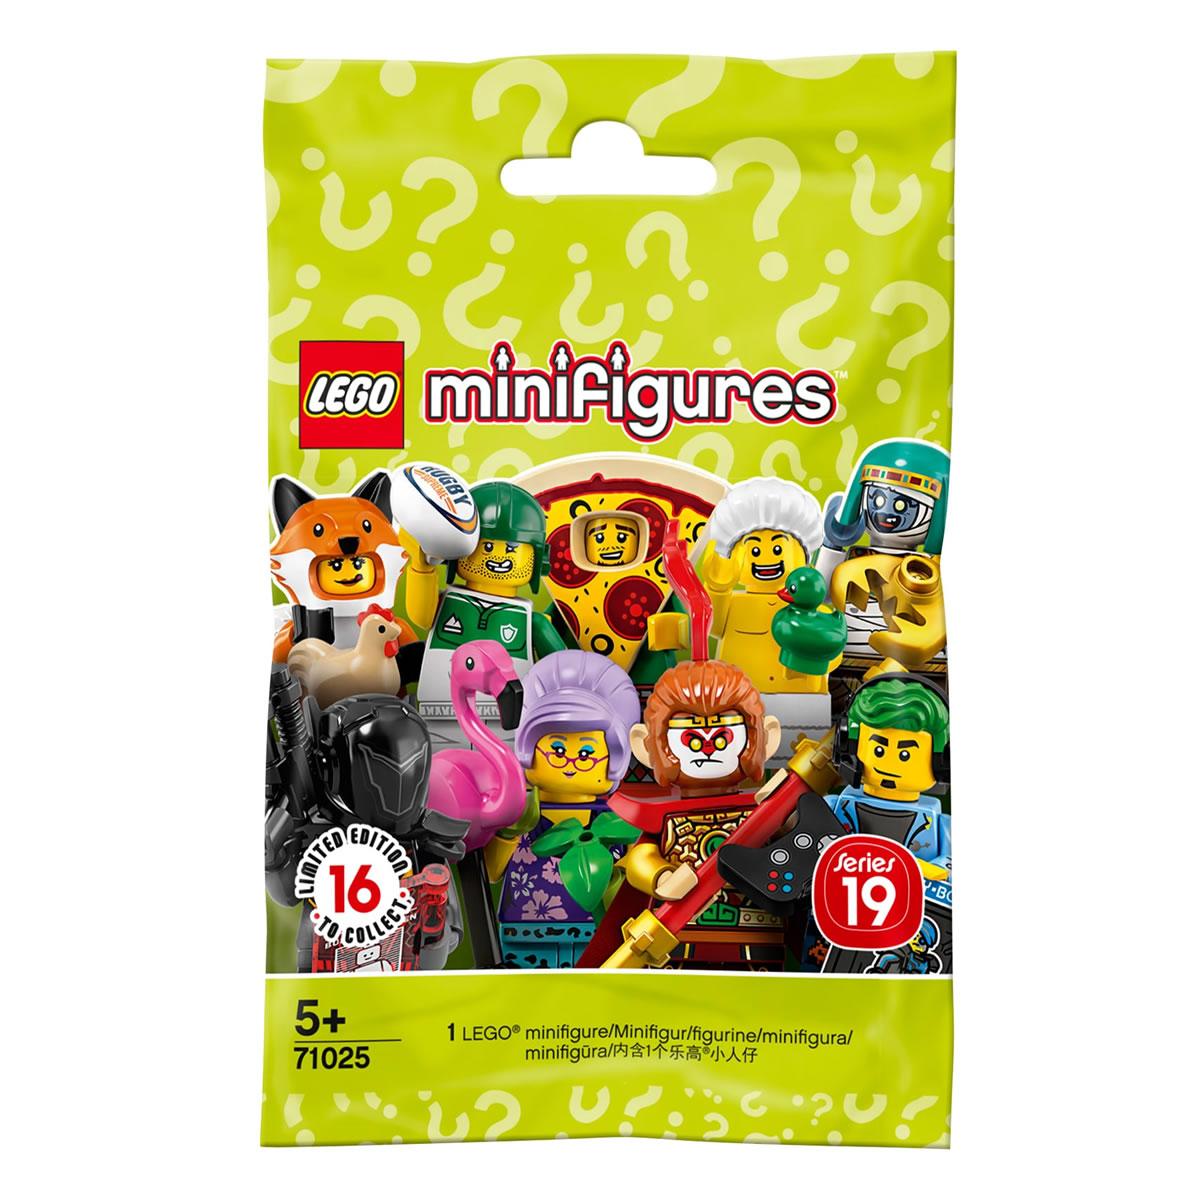 lego-minifiguren-sammelserie-collectible-minifigures-serie-19-71025-2019-blingbag zusammengebaut.com